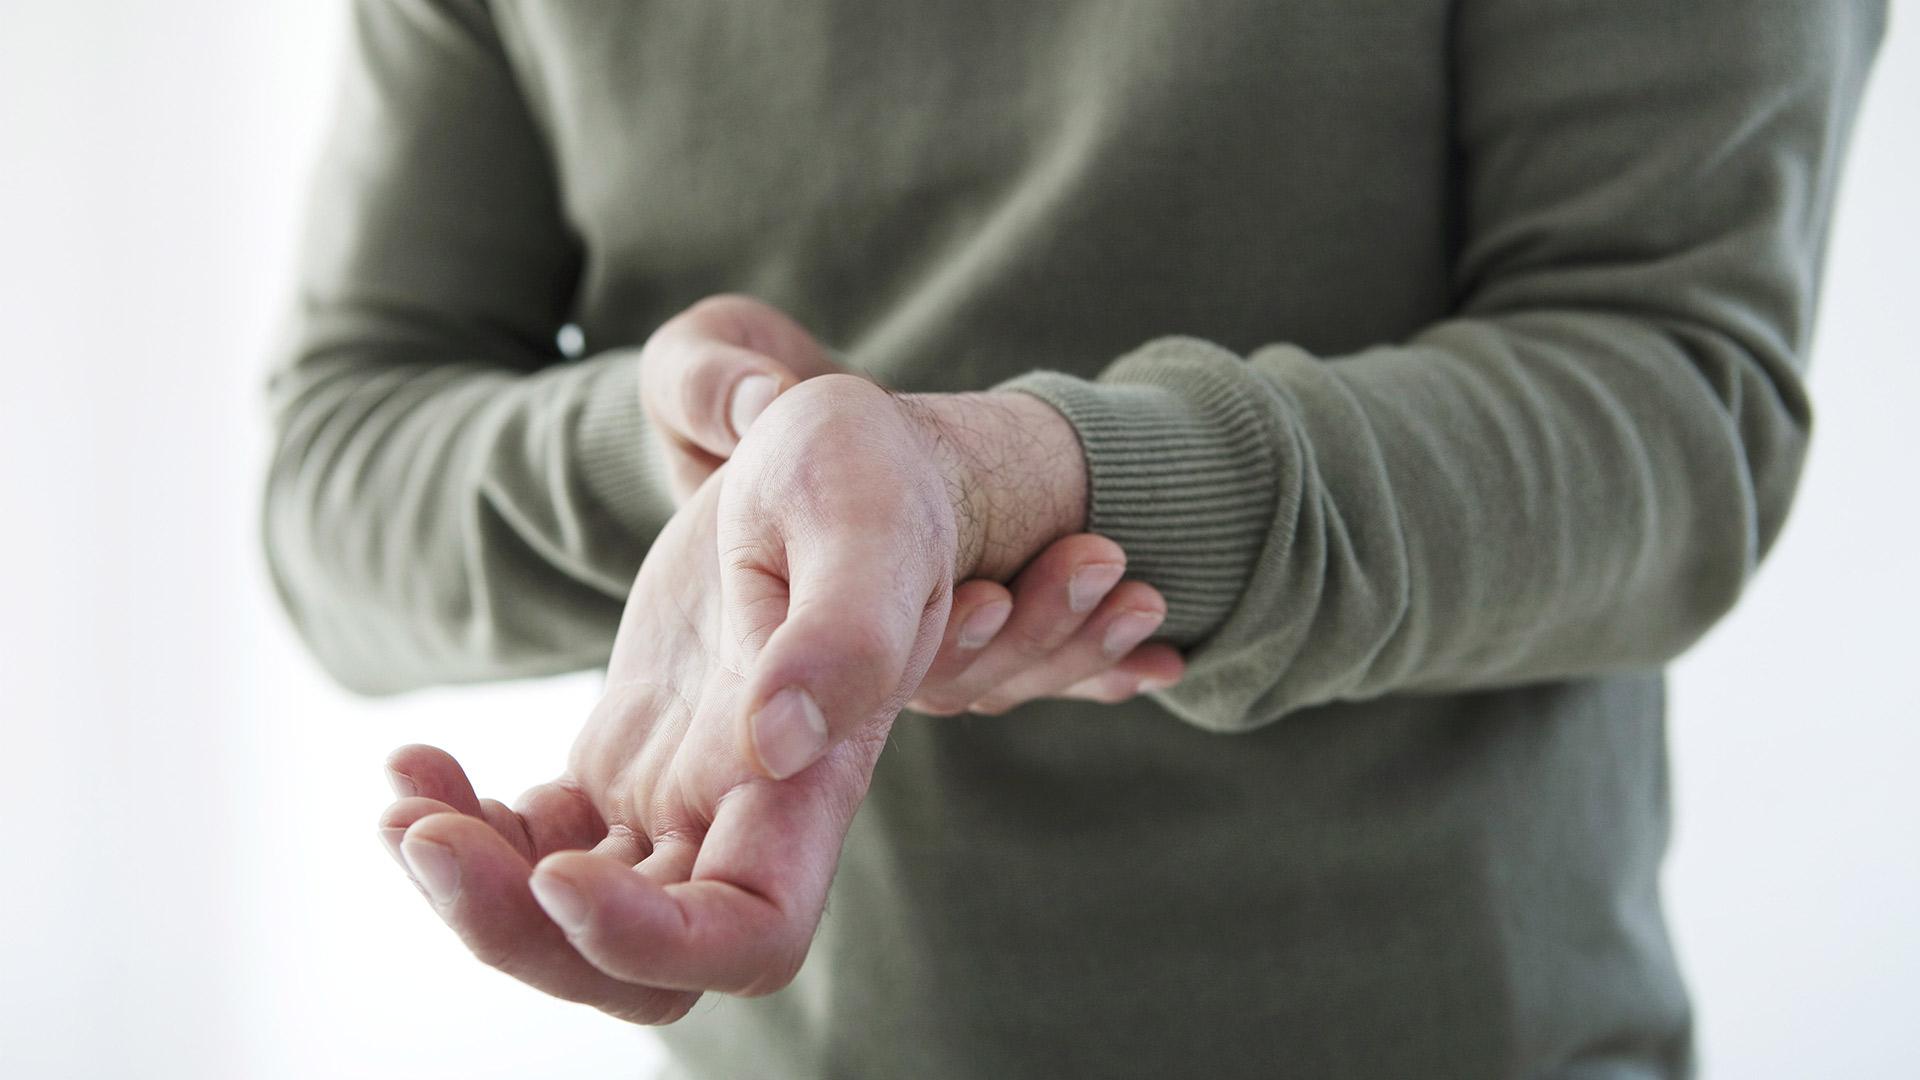 hüvelykujjízületi tünetek és kezelés carmolis közös gél vélemények